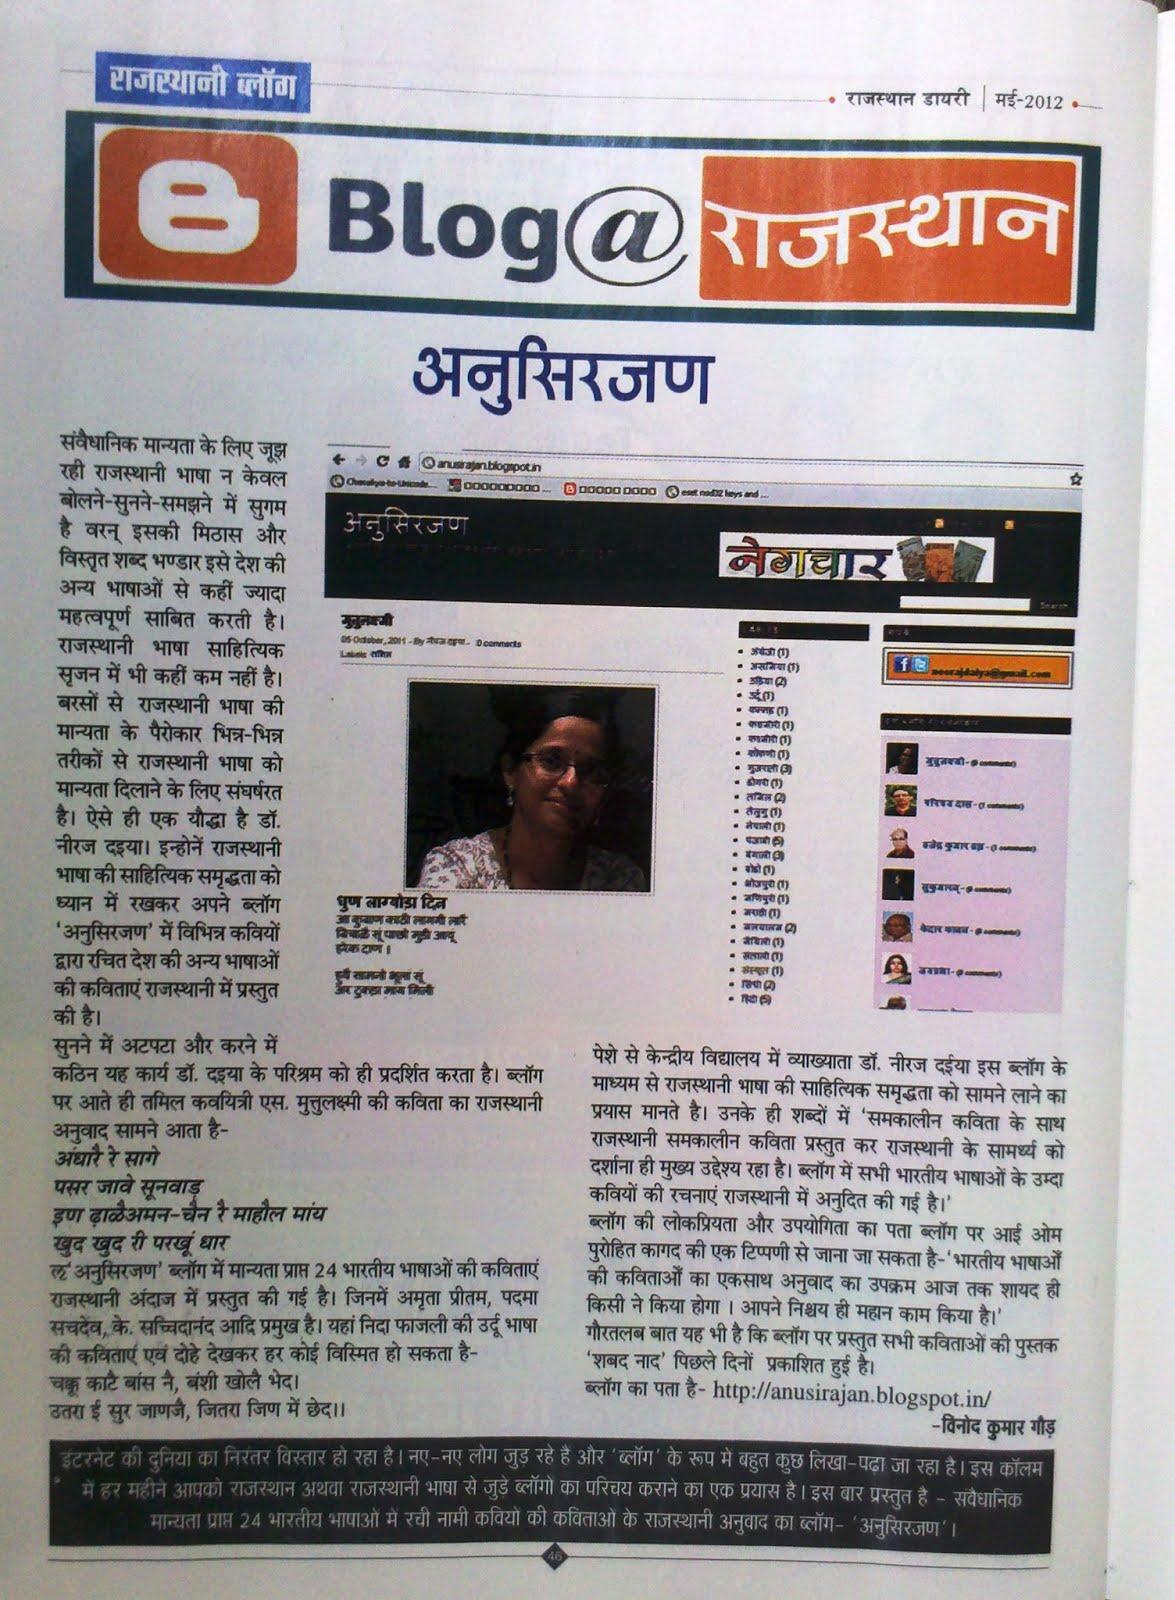 इस ब्लॉग के बारे में....